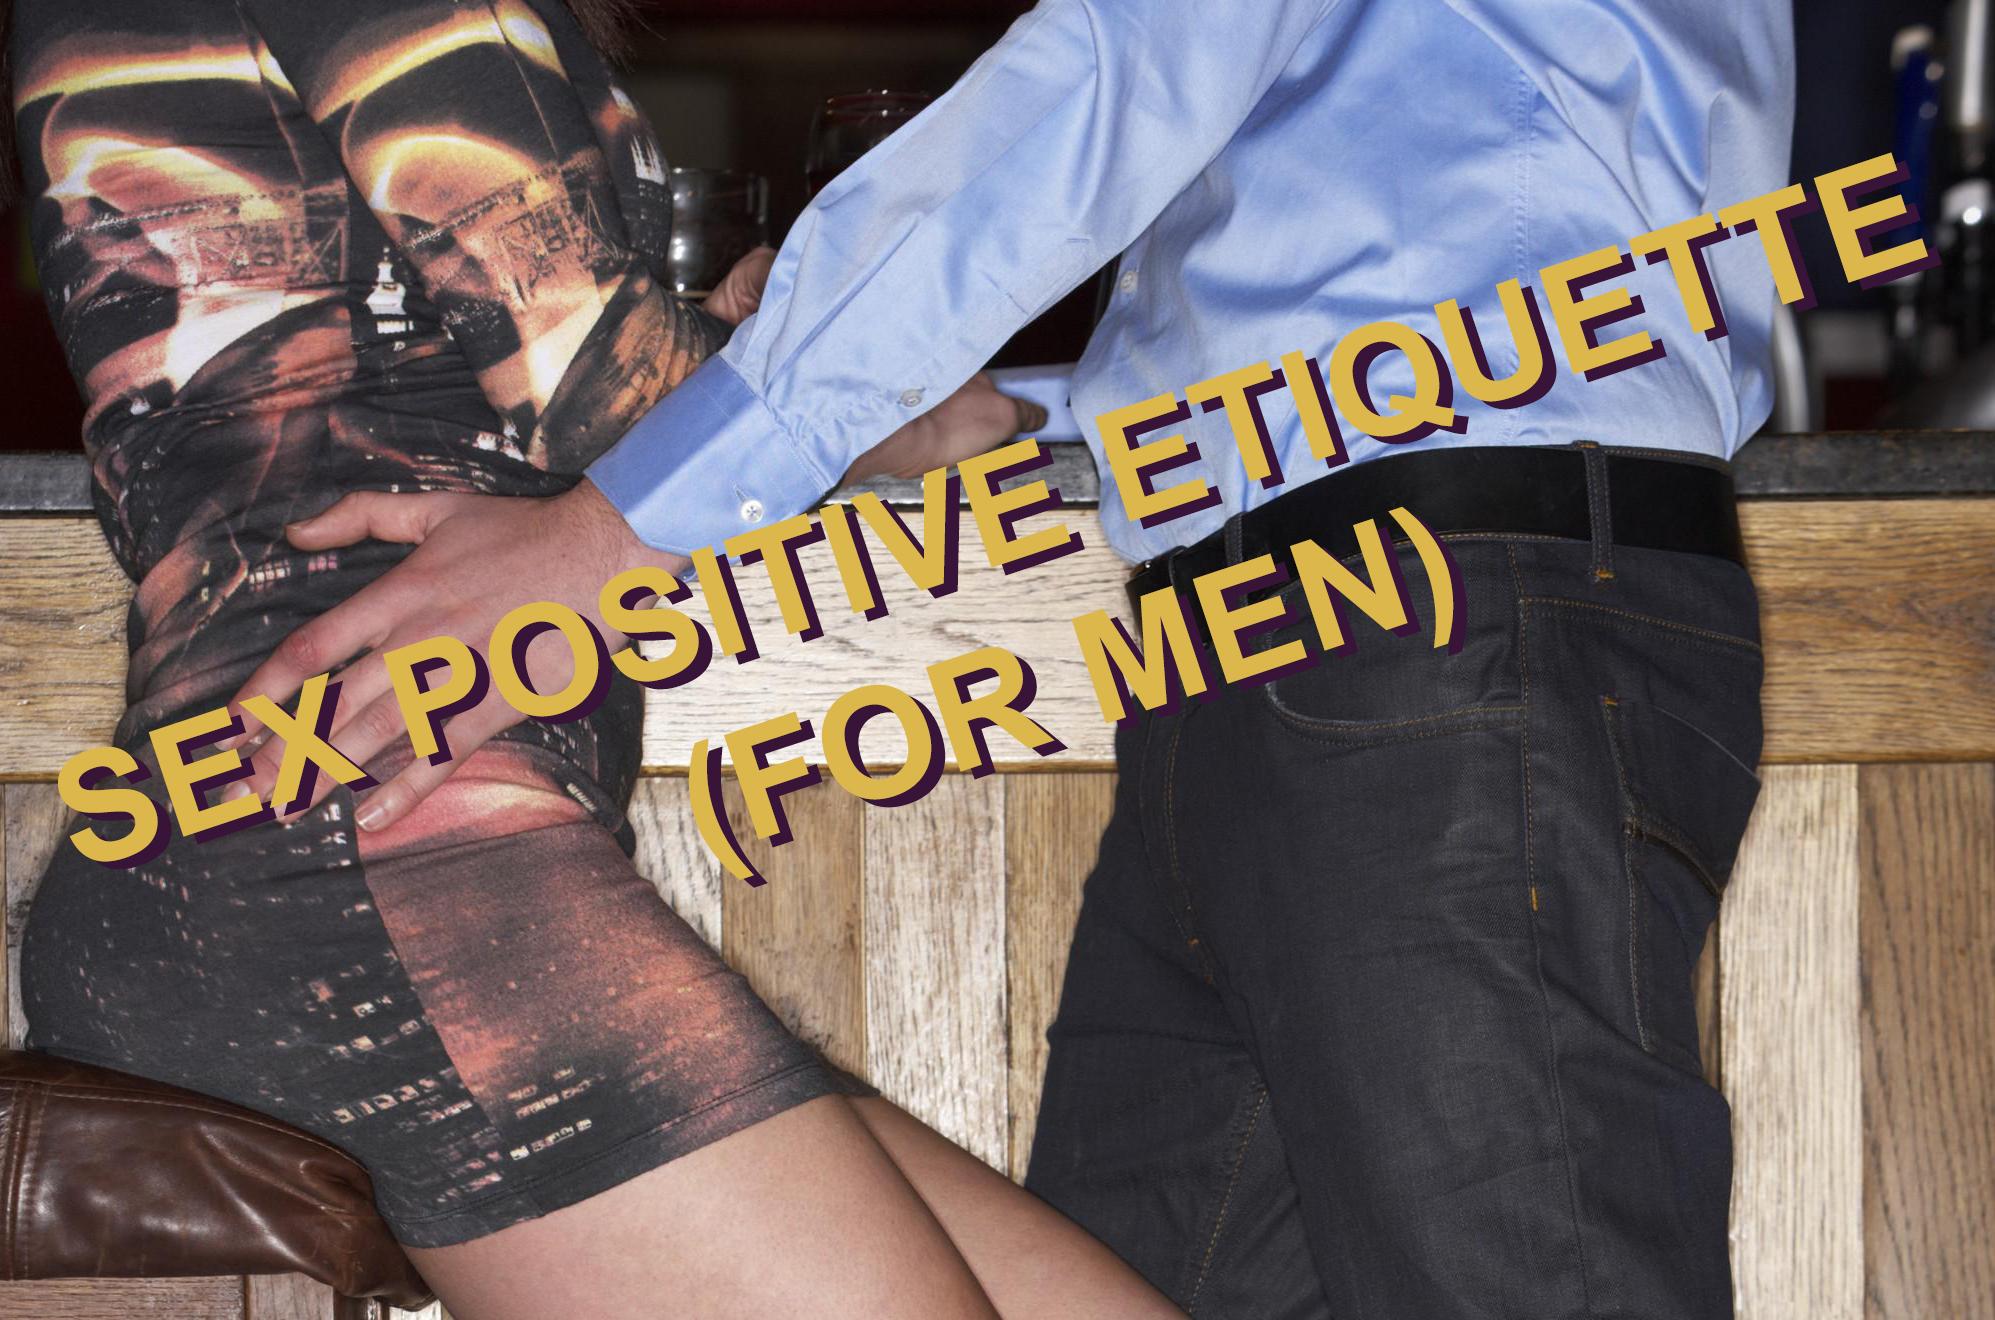 Sex-Positive Etiquette for Men: Discussion Recap | Sex ...